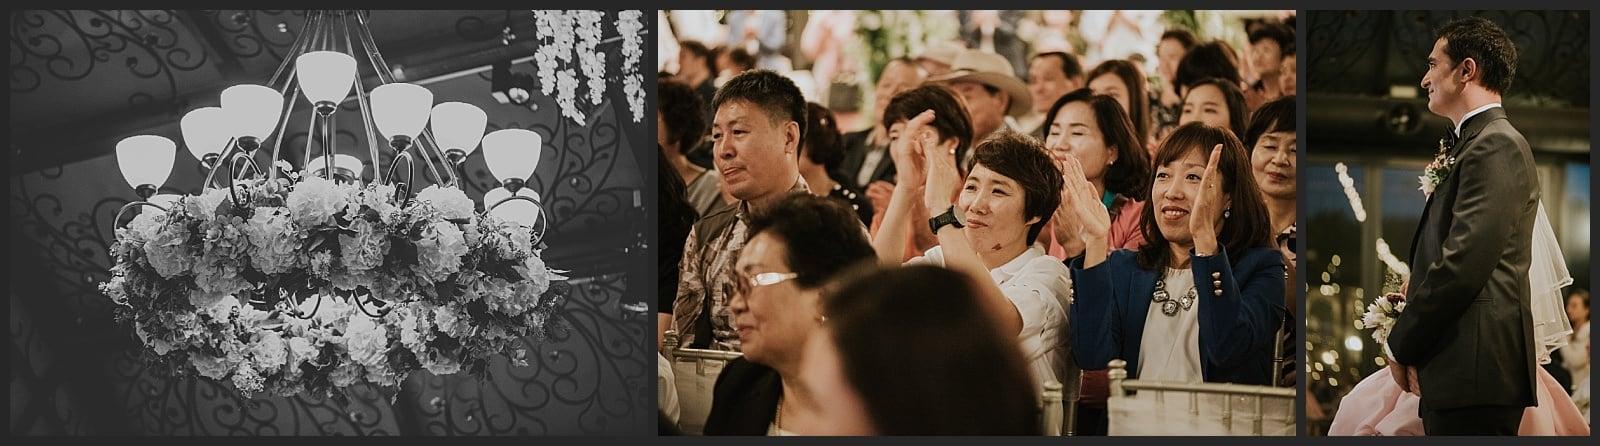 détails Wedding hall Seoul, invité et mariés photographe vivien malagnat